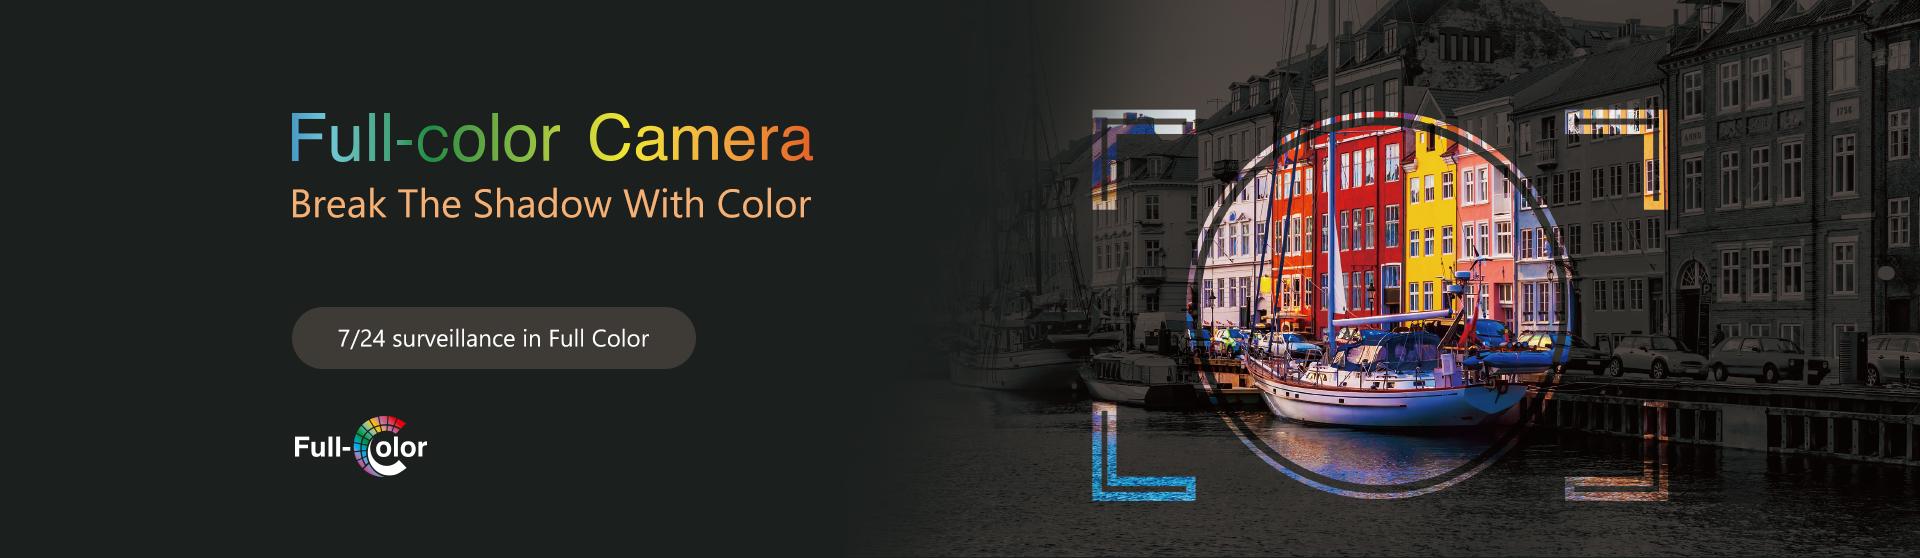 Dahua_Technology_CEEN_Banner_Full-color_011